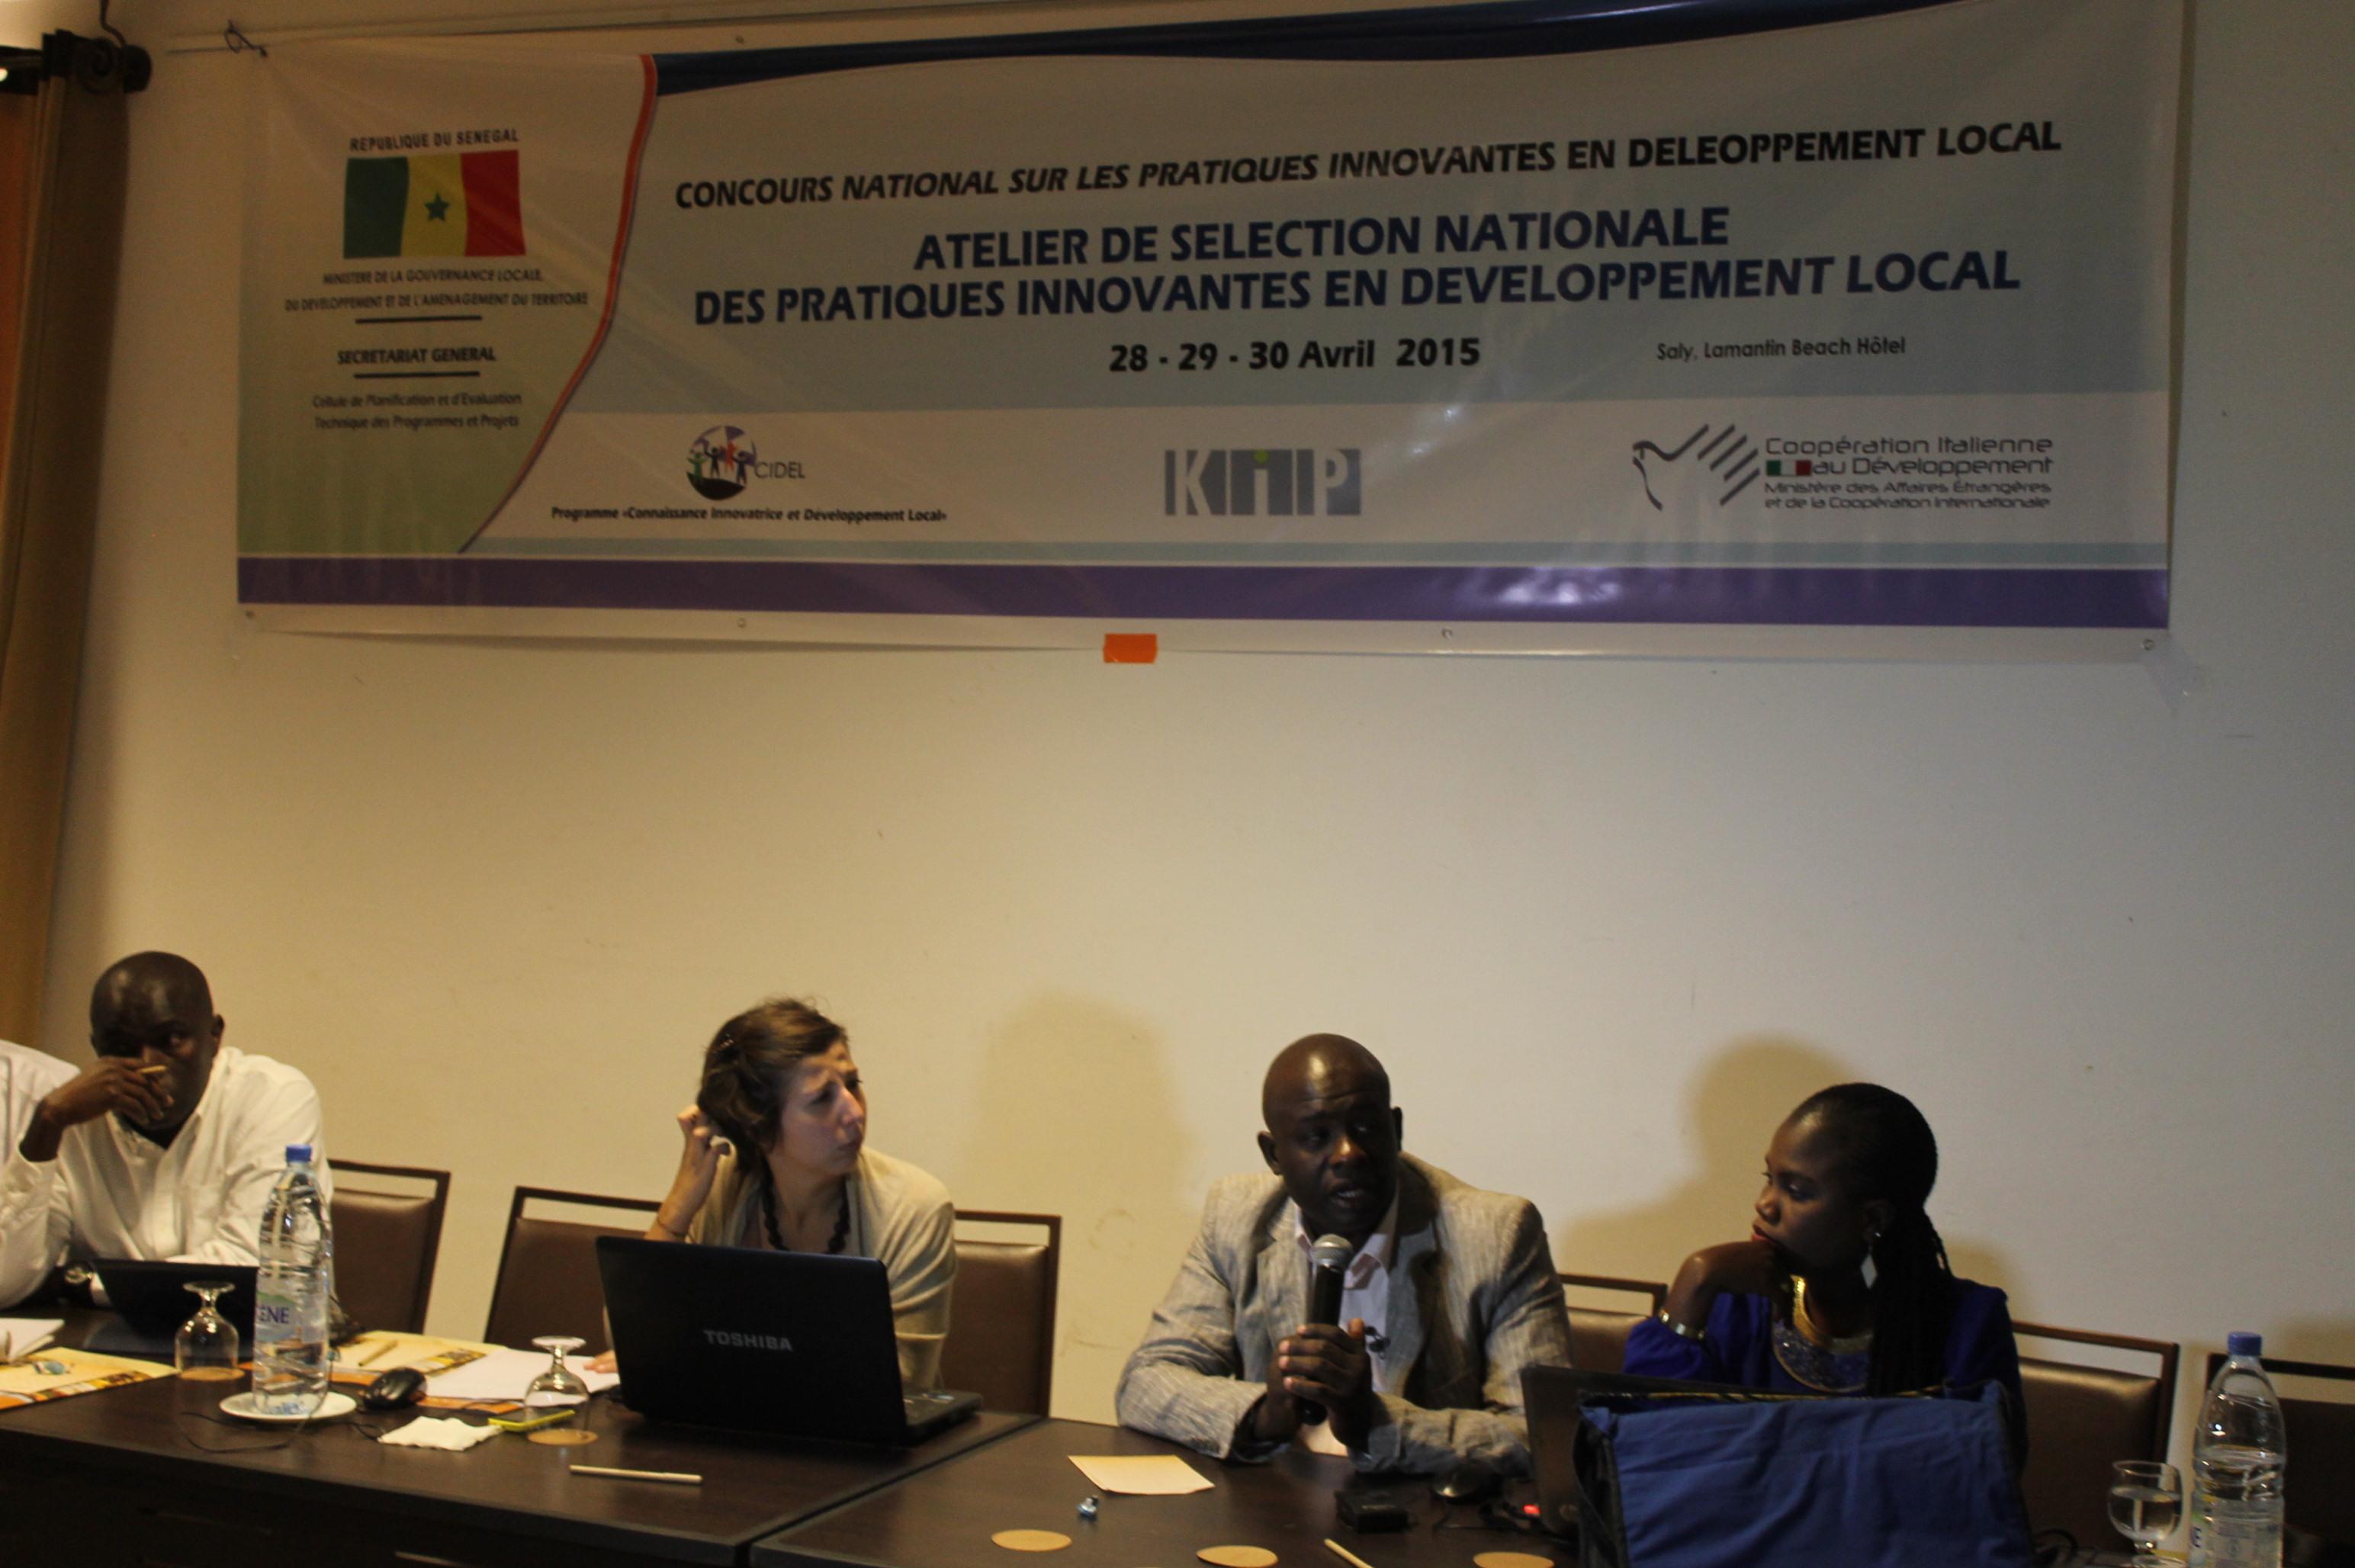 Meilleures pratiques innovantes en développement local : Un atelier pour le choix des lauréats